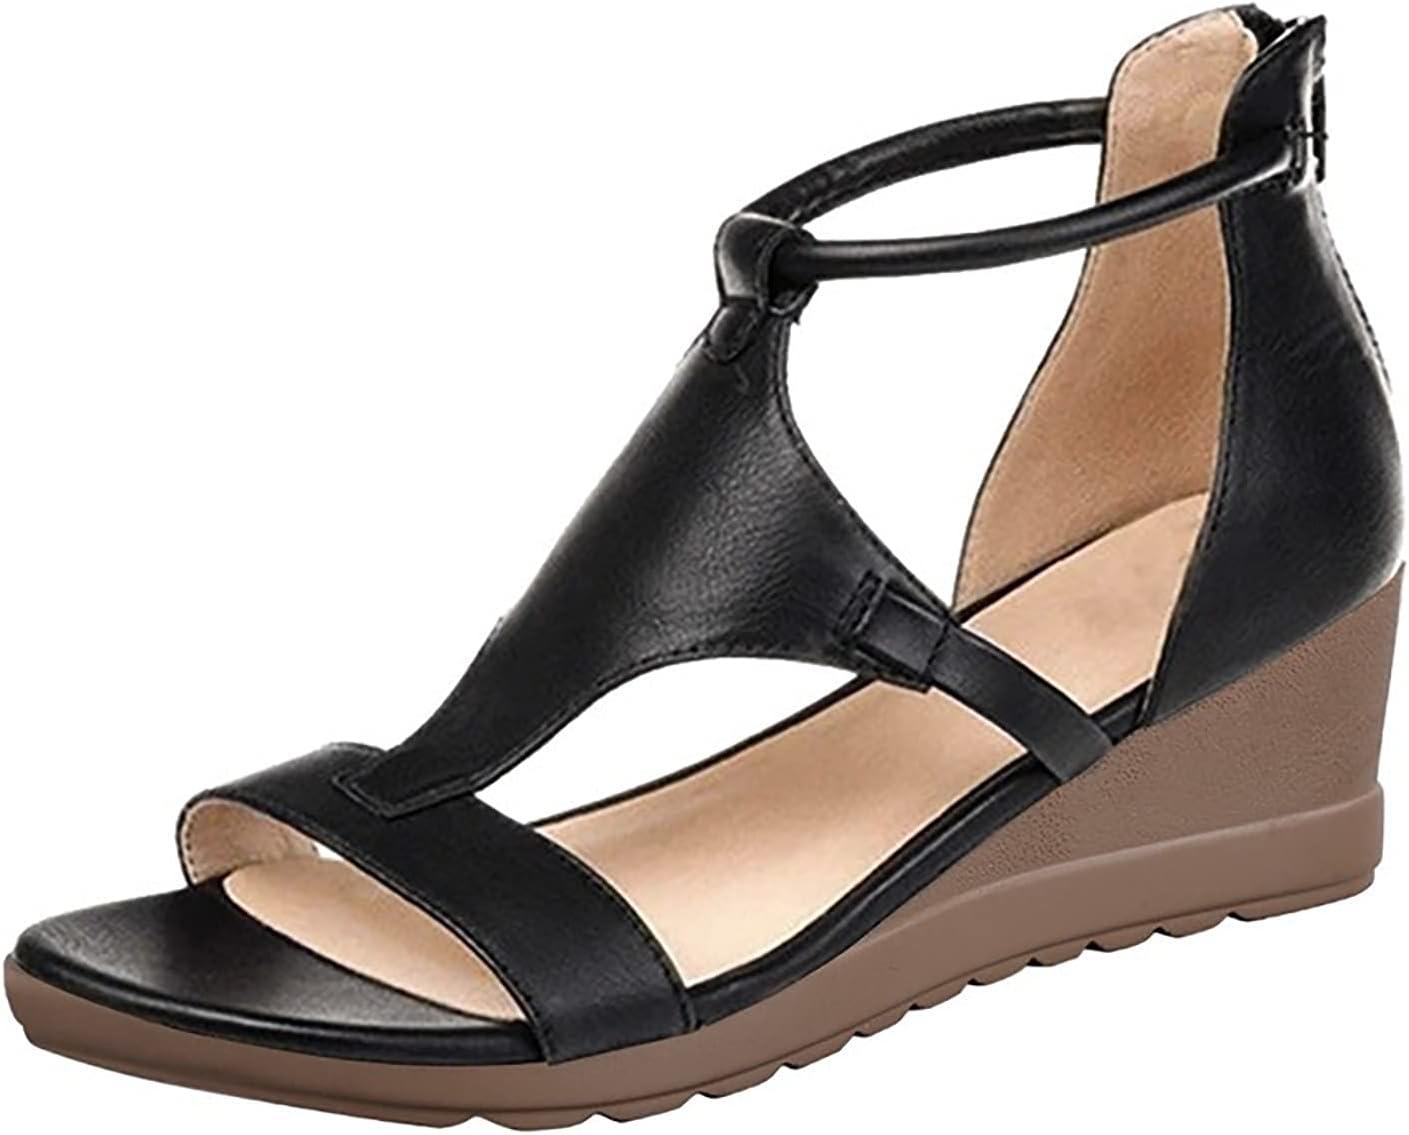 BTKD Sandalias para Mujer Mujer Casual Verano Confort Sandalias Deslizantes Sandalias Planas de Cuero de Imitación Chanclas Zapatos para Deportes Al Aire Libre,Negro,42